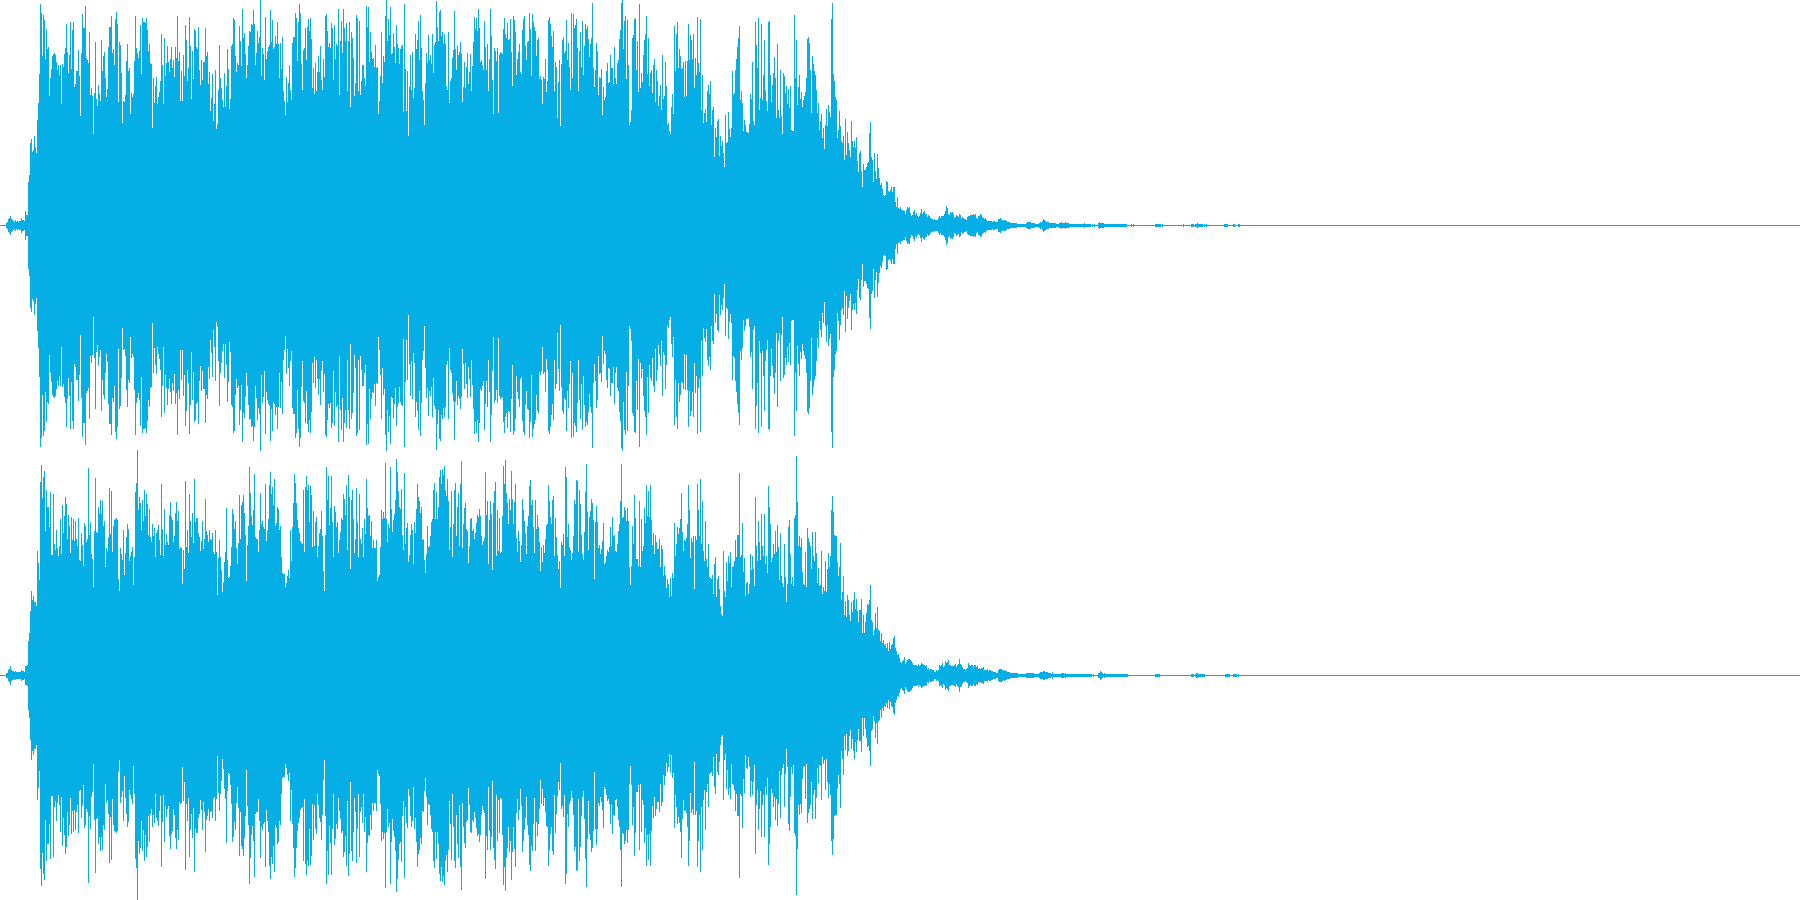 ジャラジャラジャラ(鈴、長め、初詣)の再生済みの波形